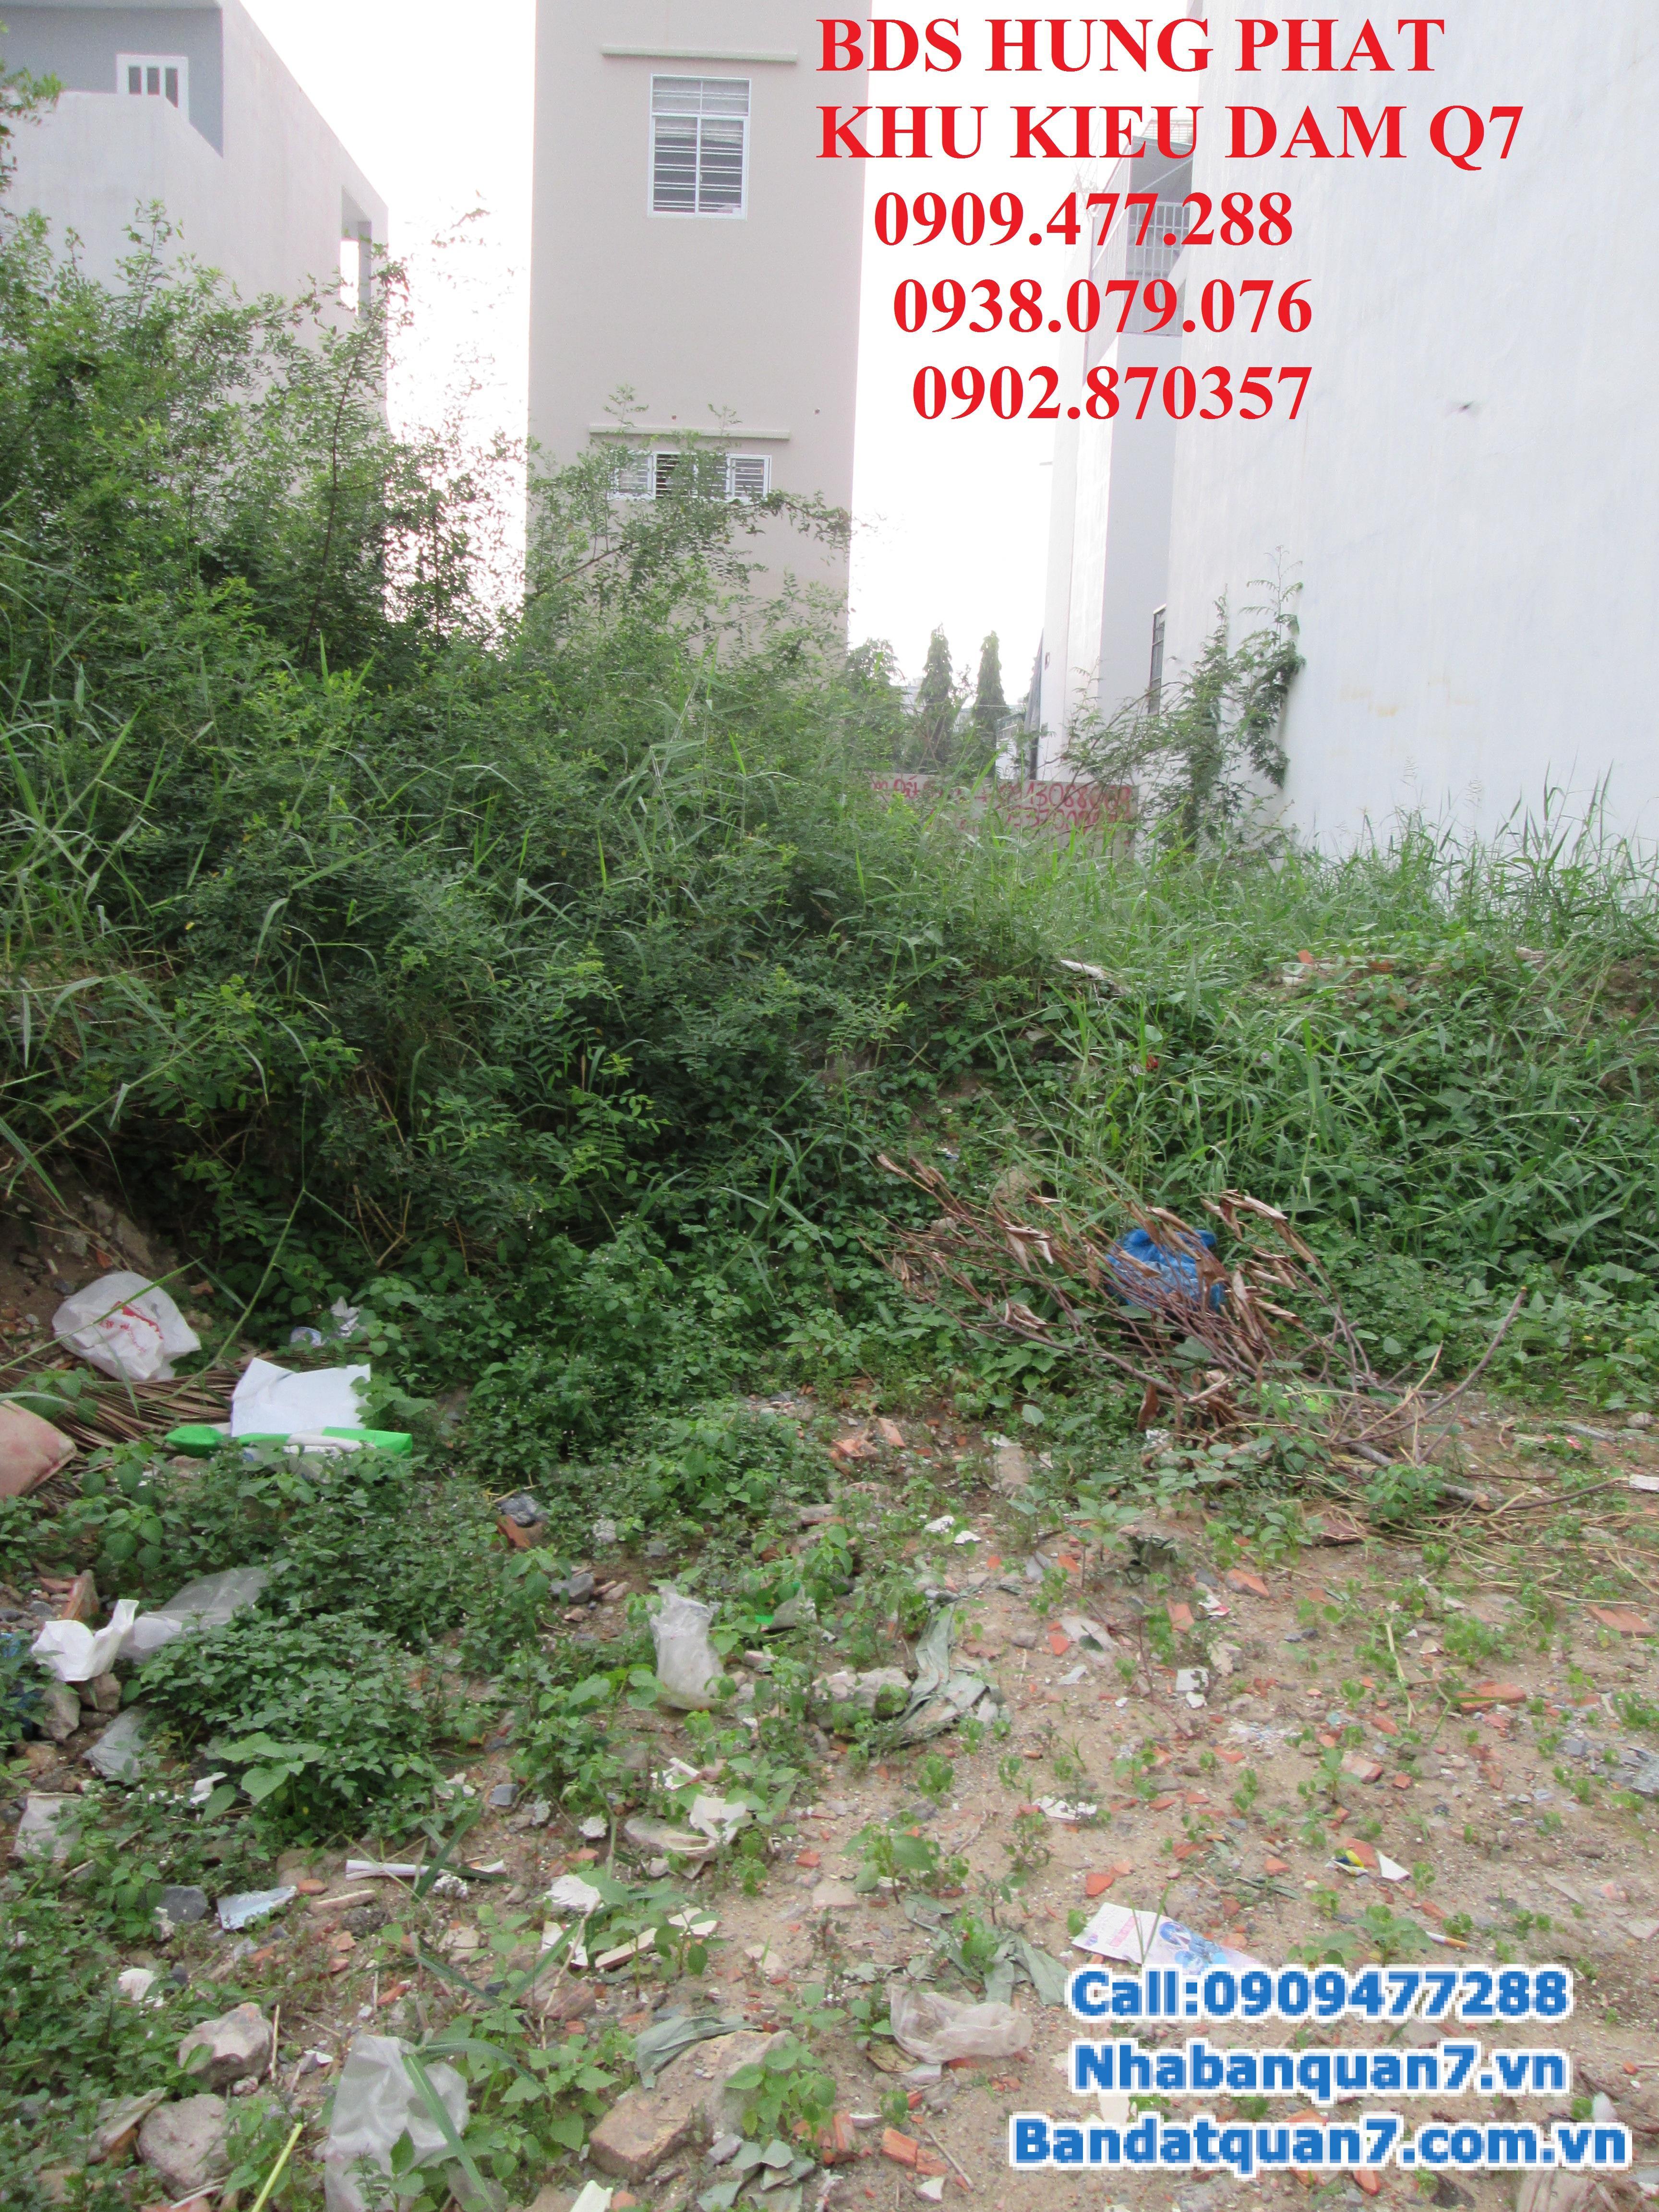 Bán lô đất Kiều đàm, phường Tân hưng, quận 7